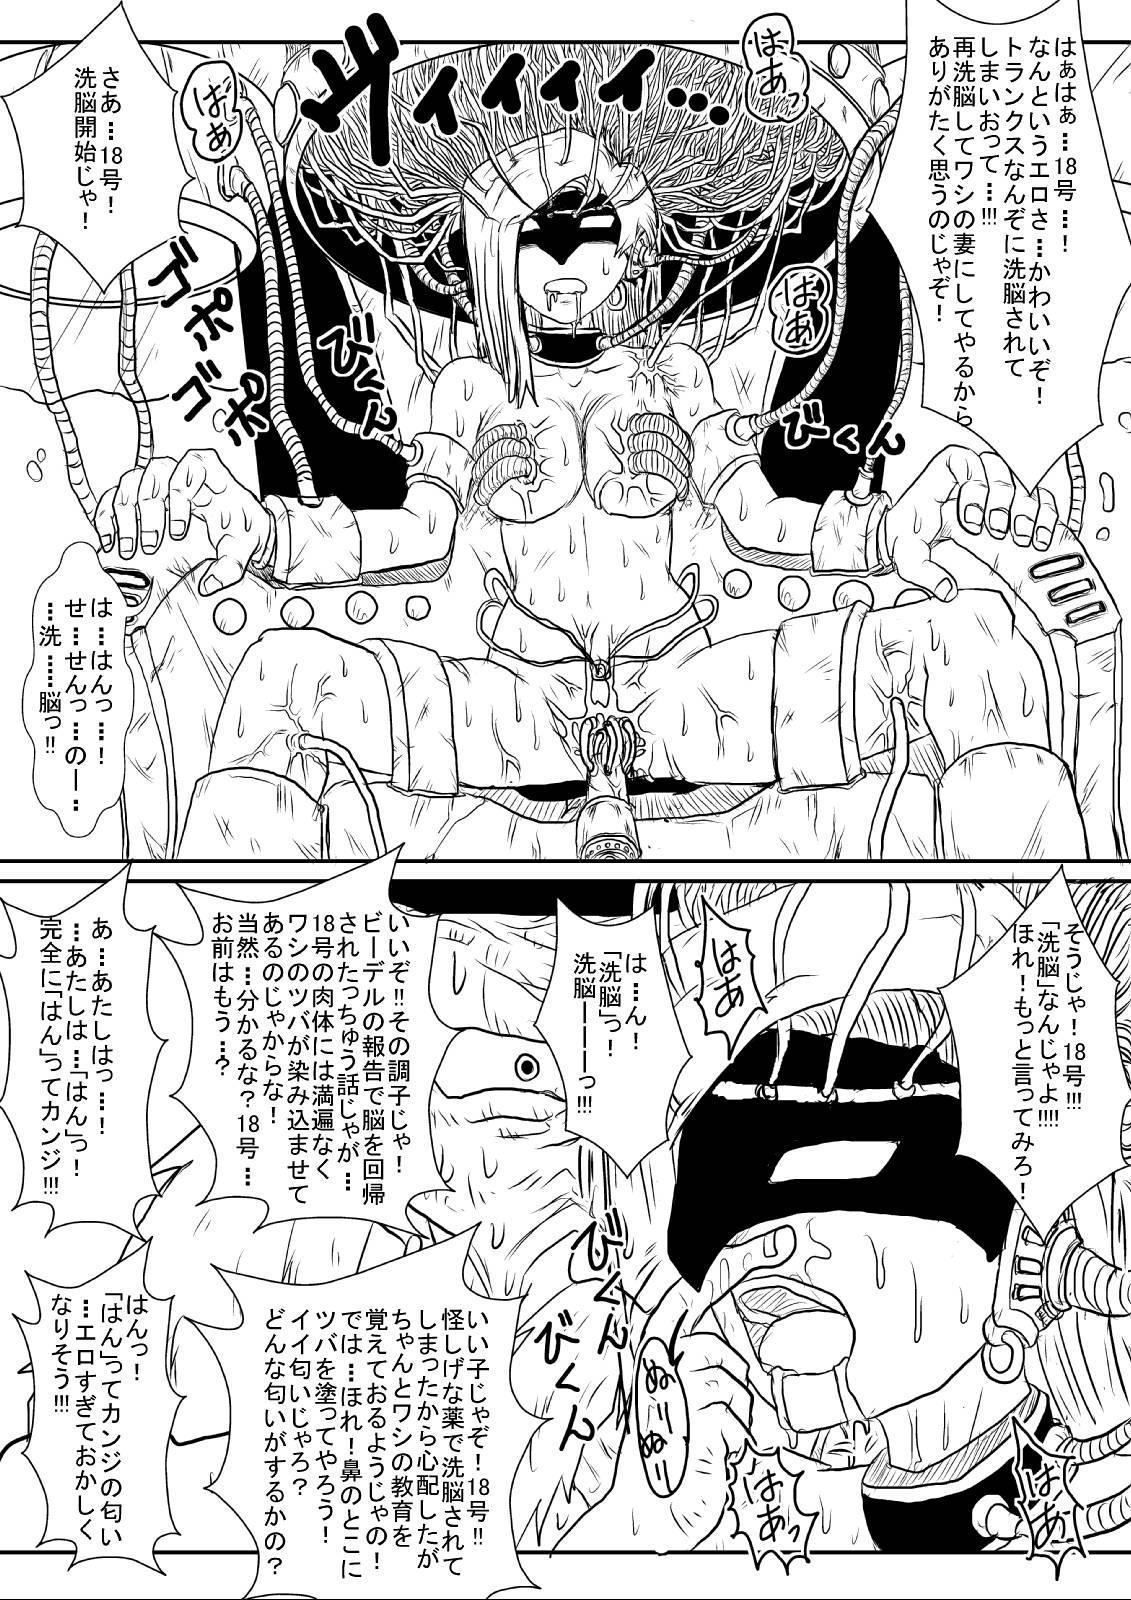 洗脳教育室~総集編Vol.01~ 356